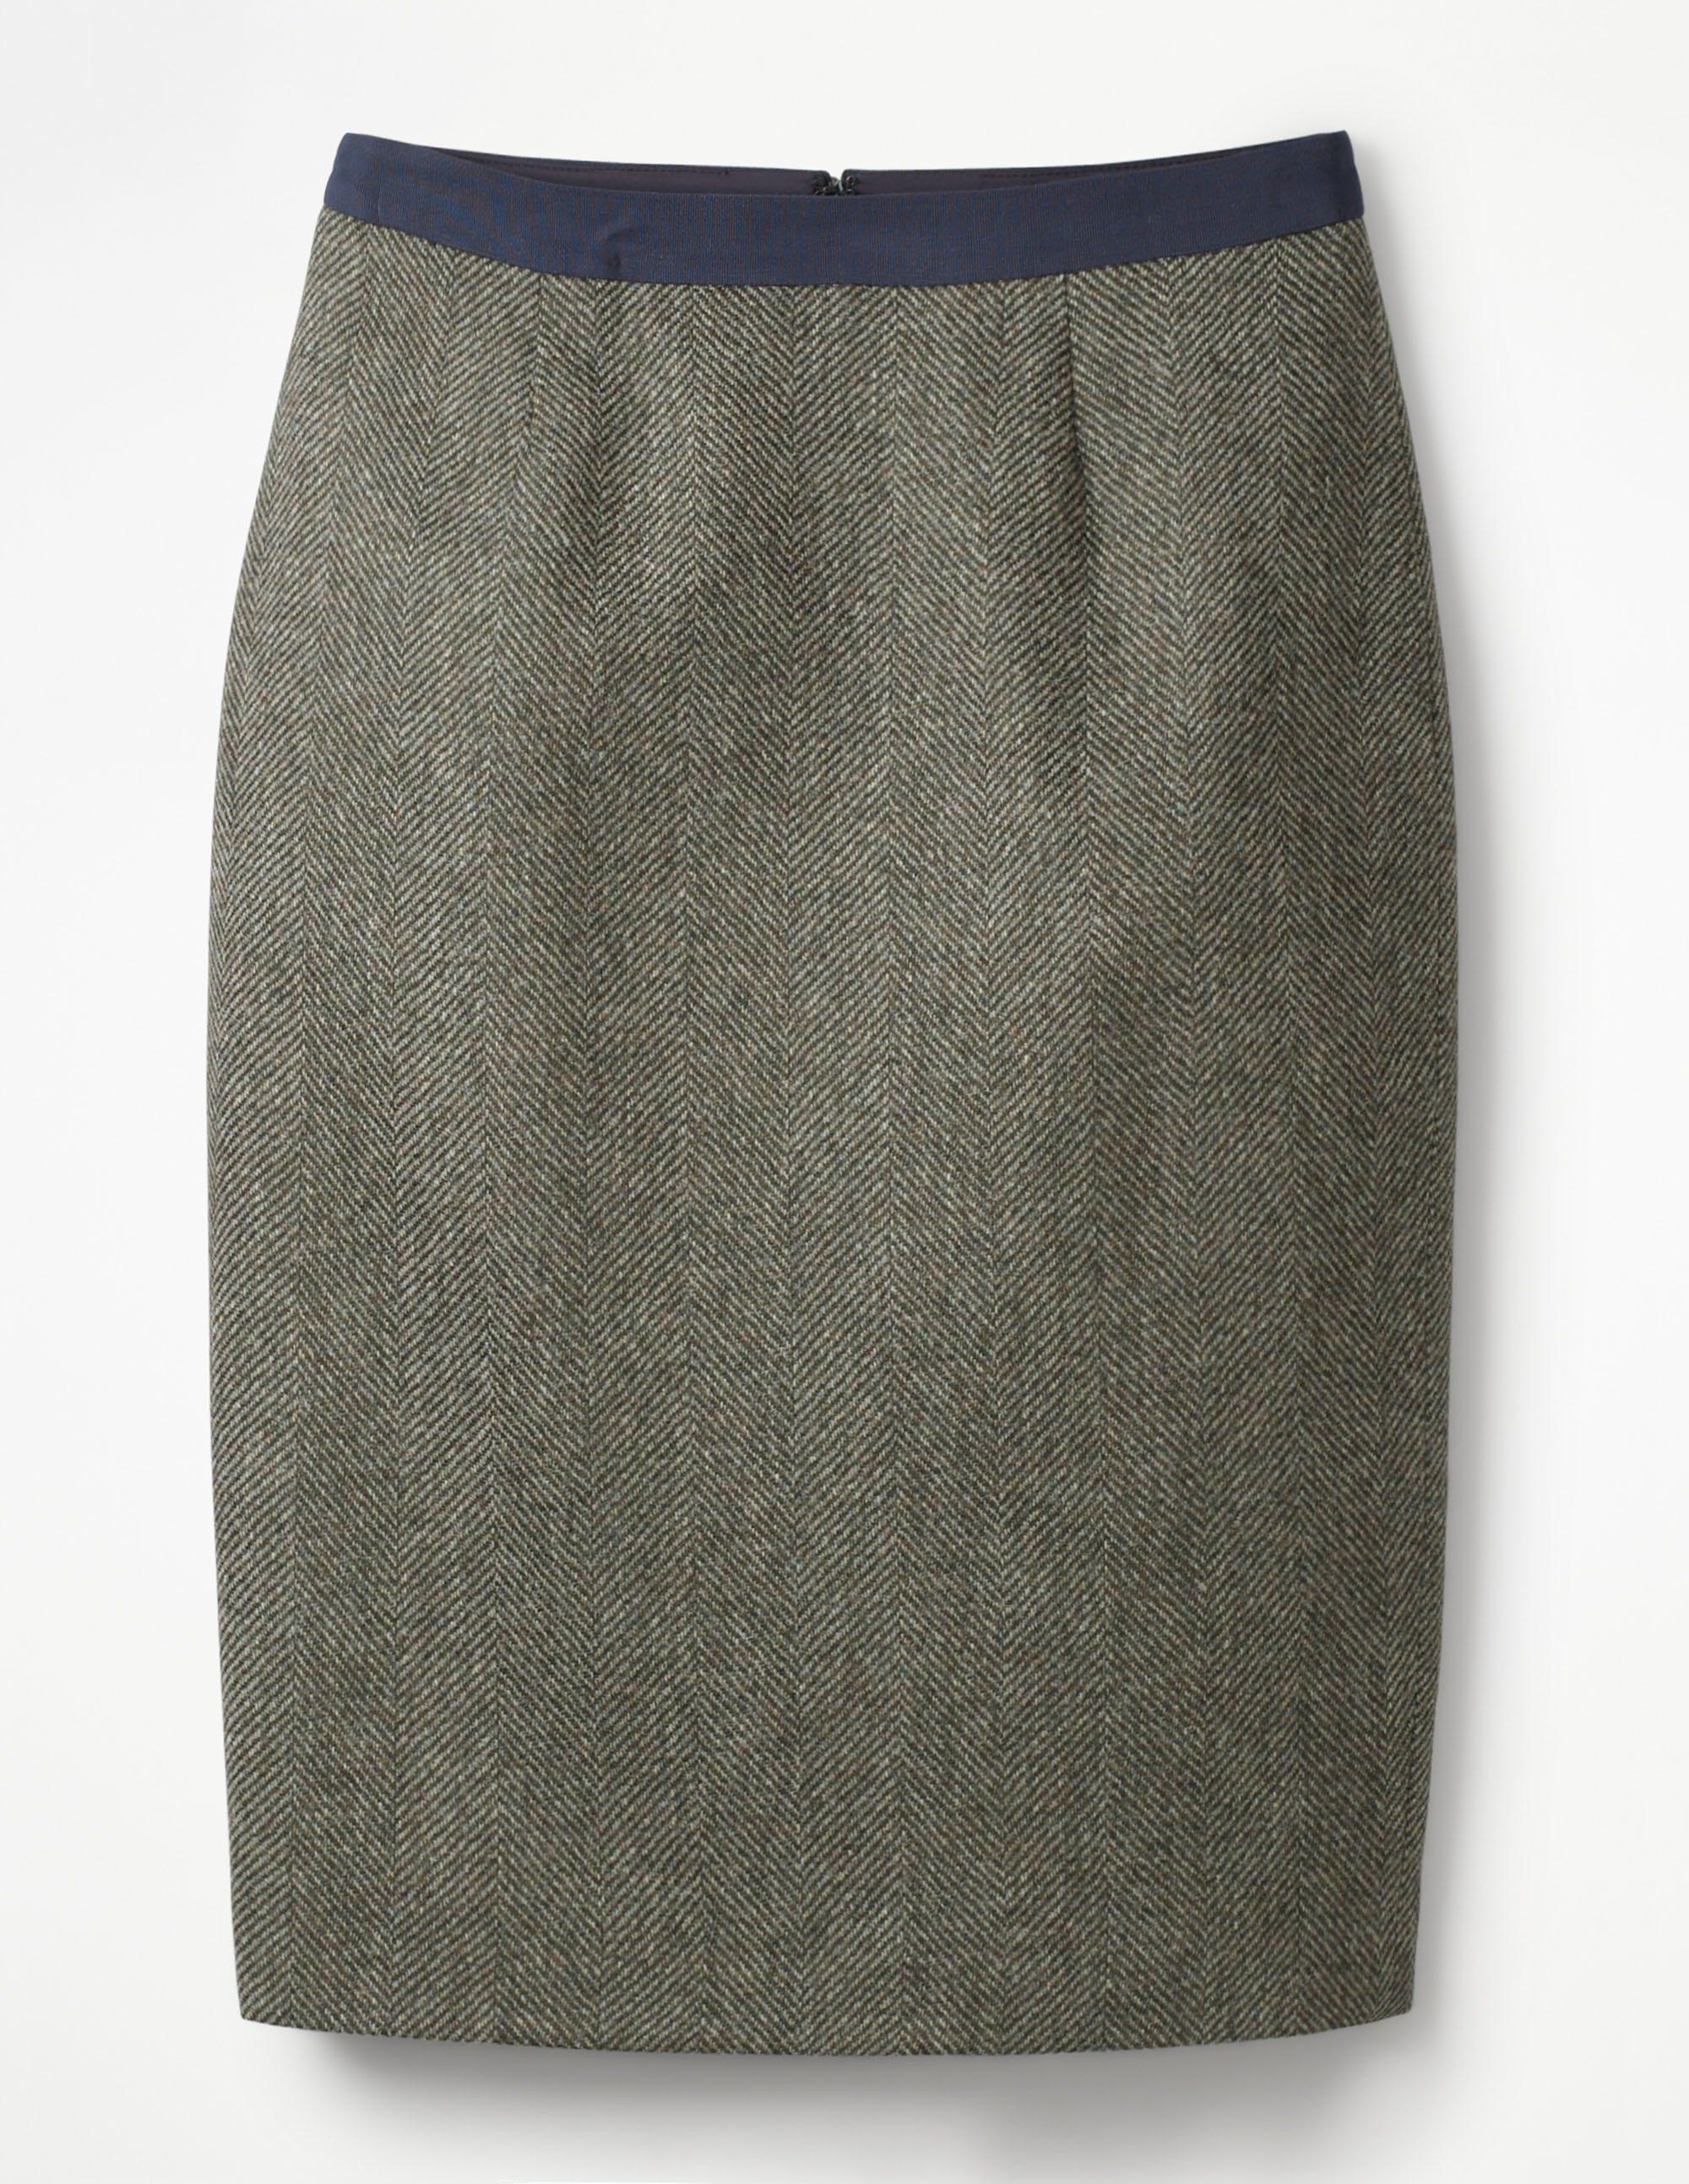 845239843 White Linen Pencil Skirt Uk